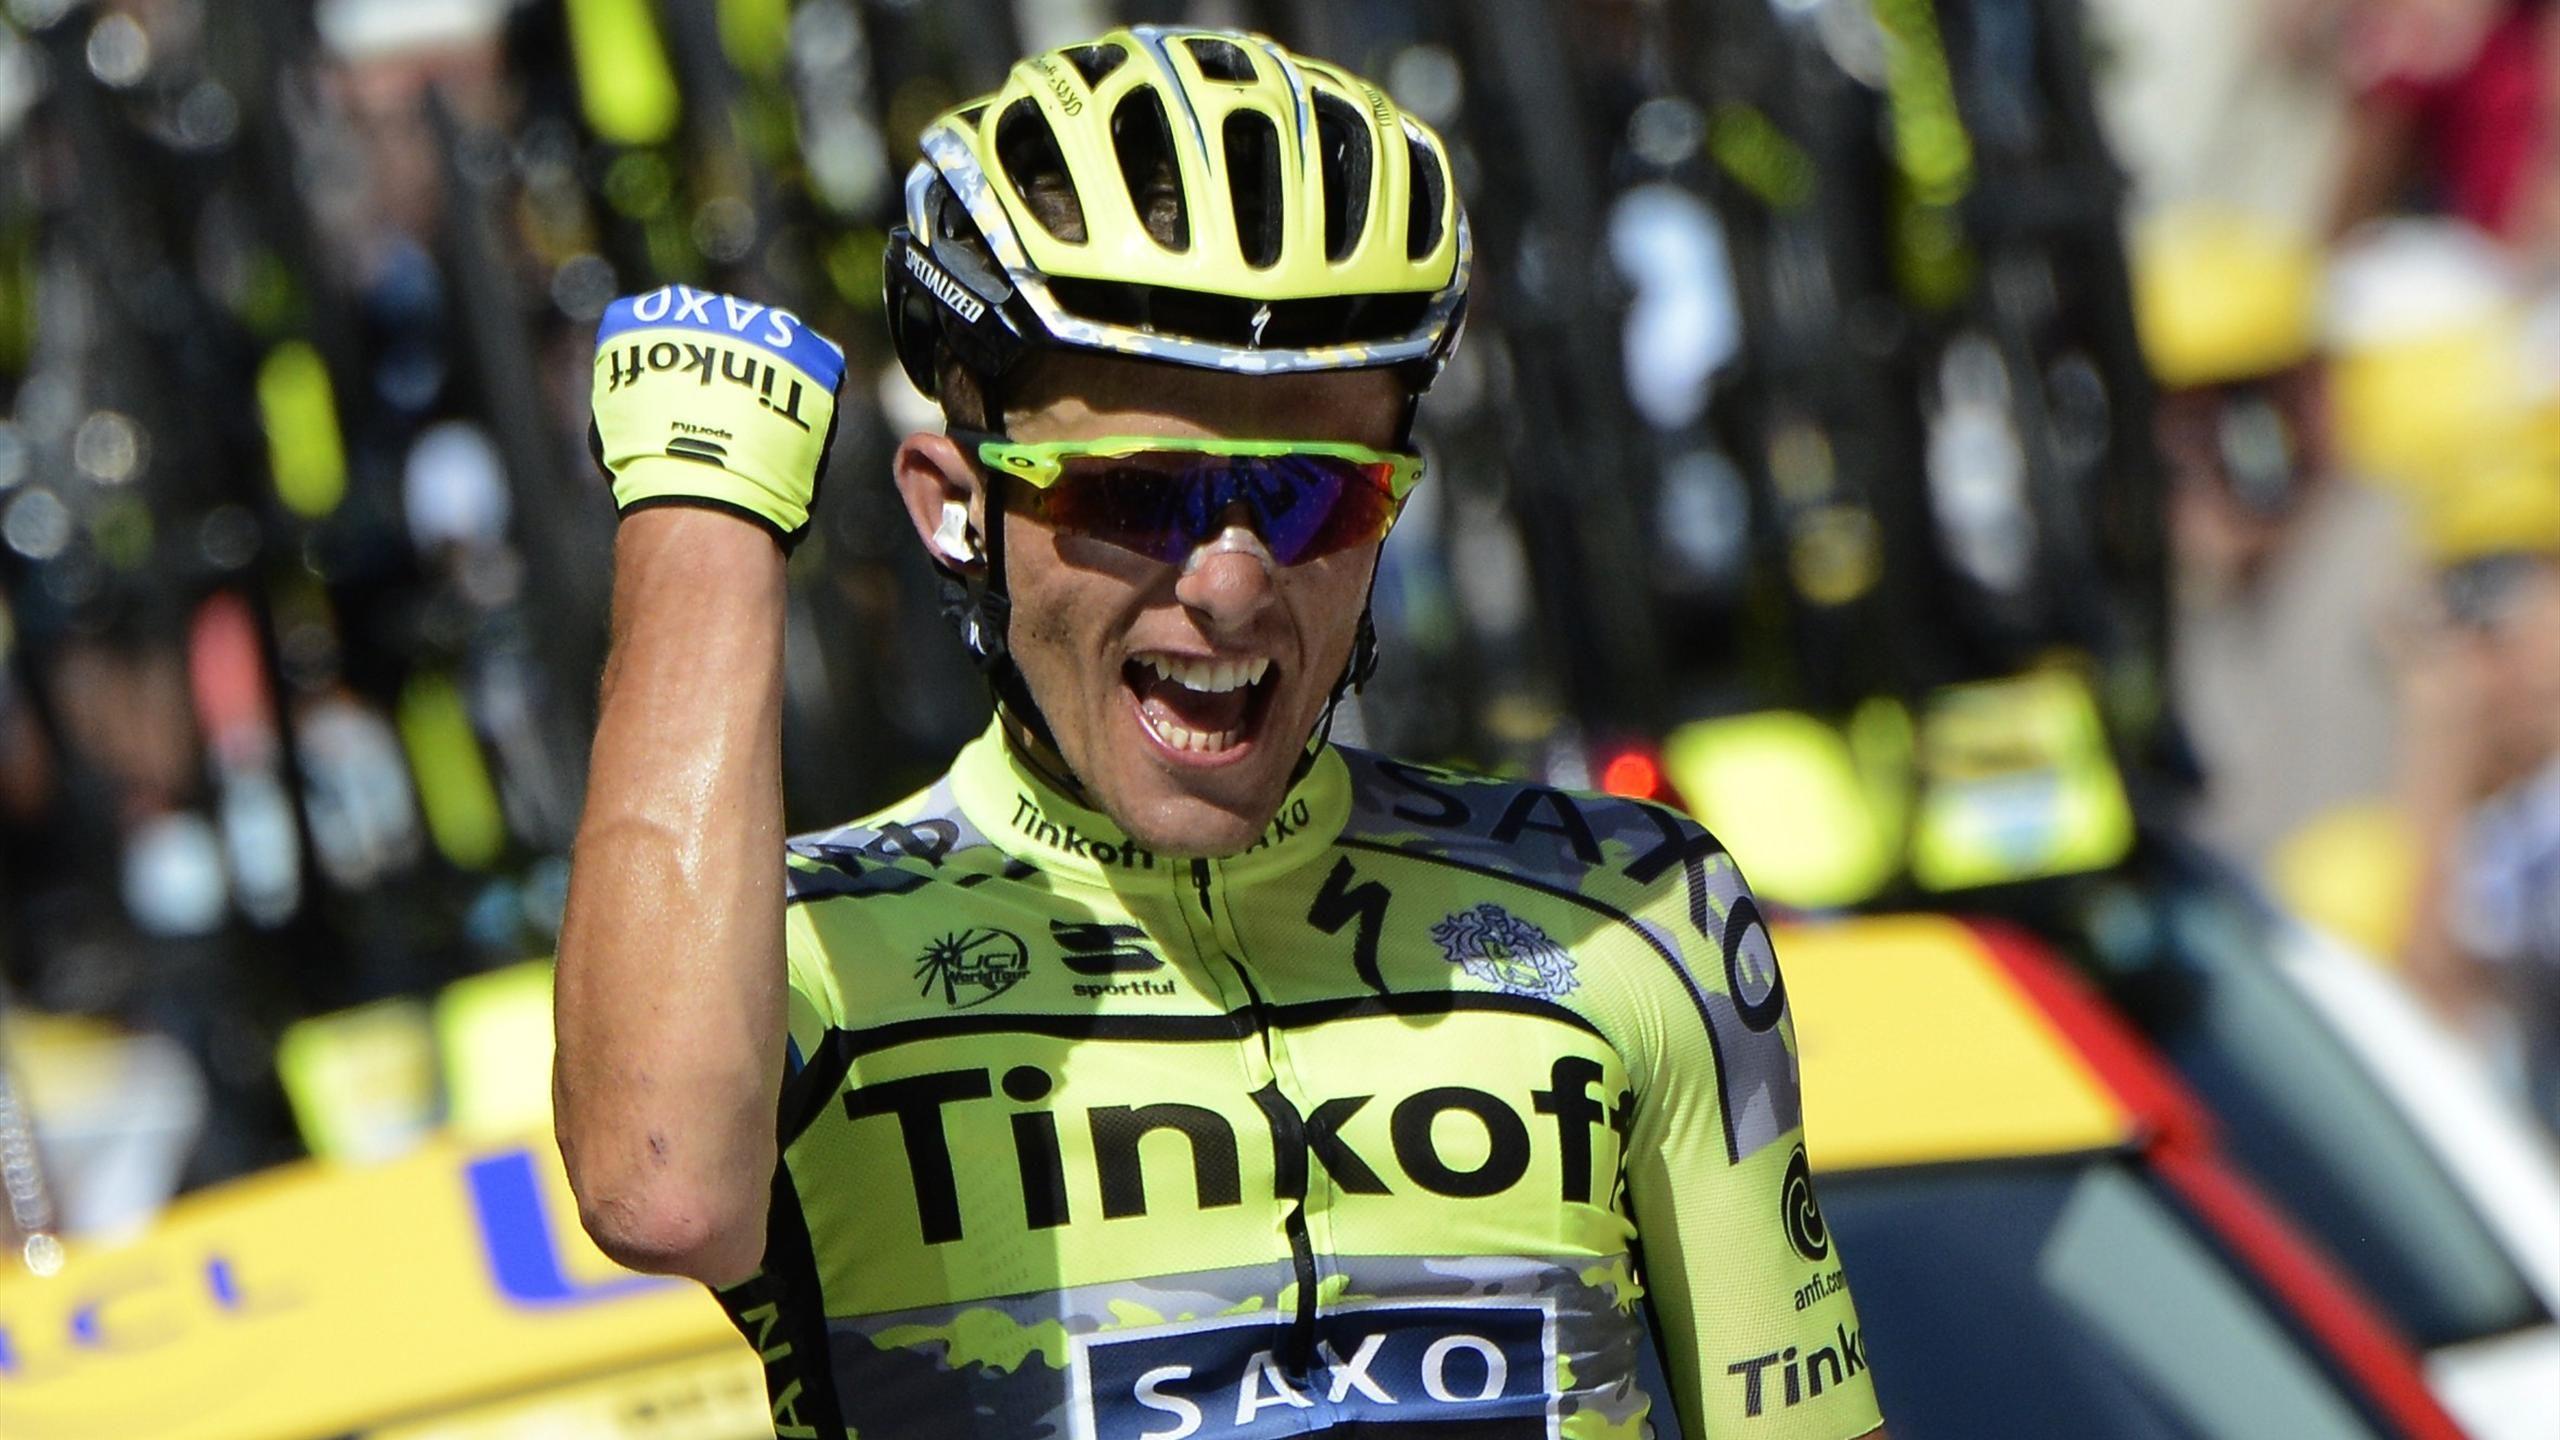 Tour de France - Solo-Sieg f�r Majka bei Pyren�en-Ritt